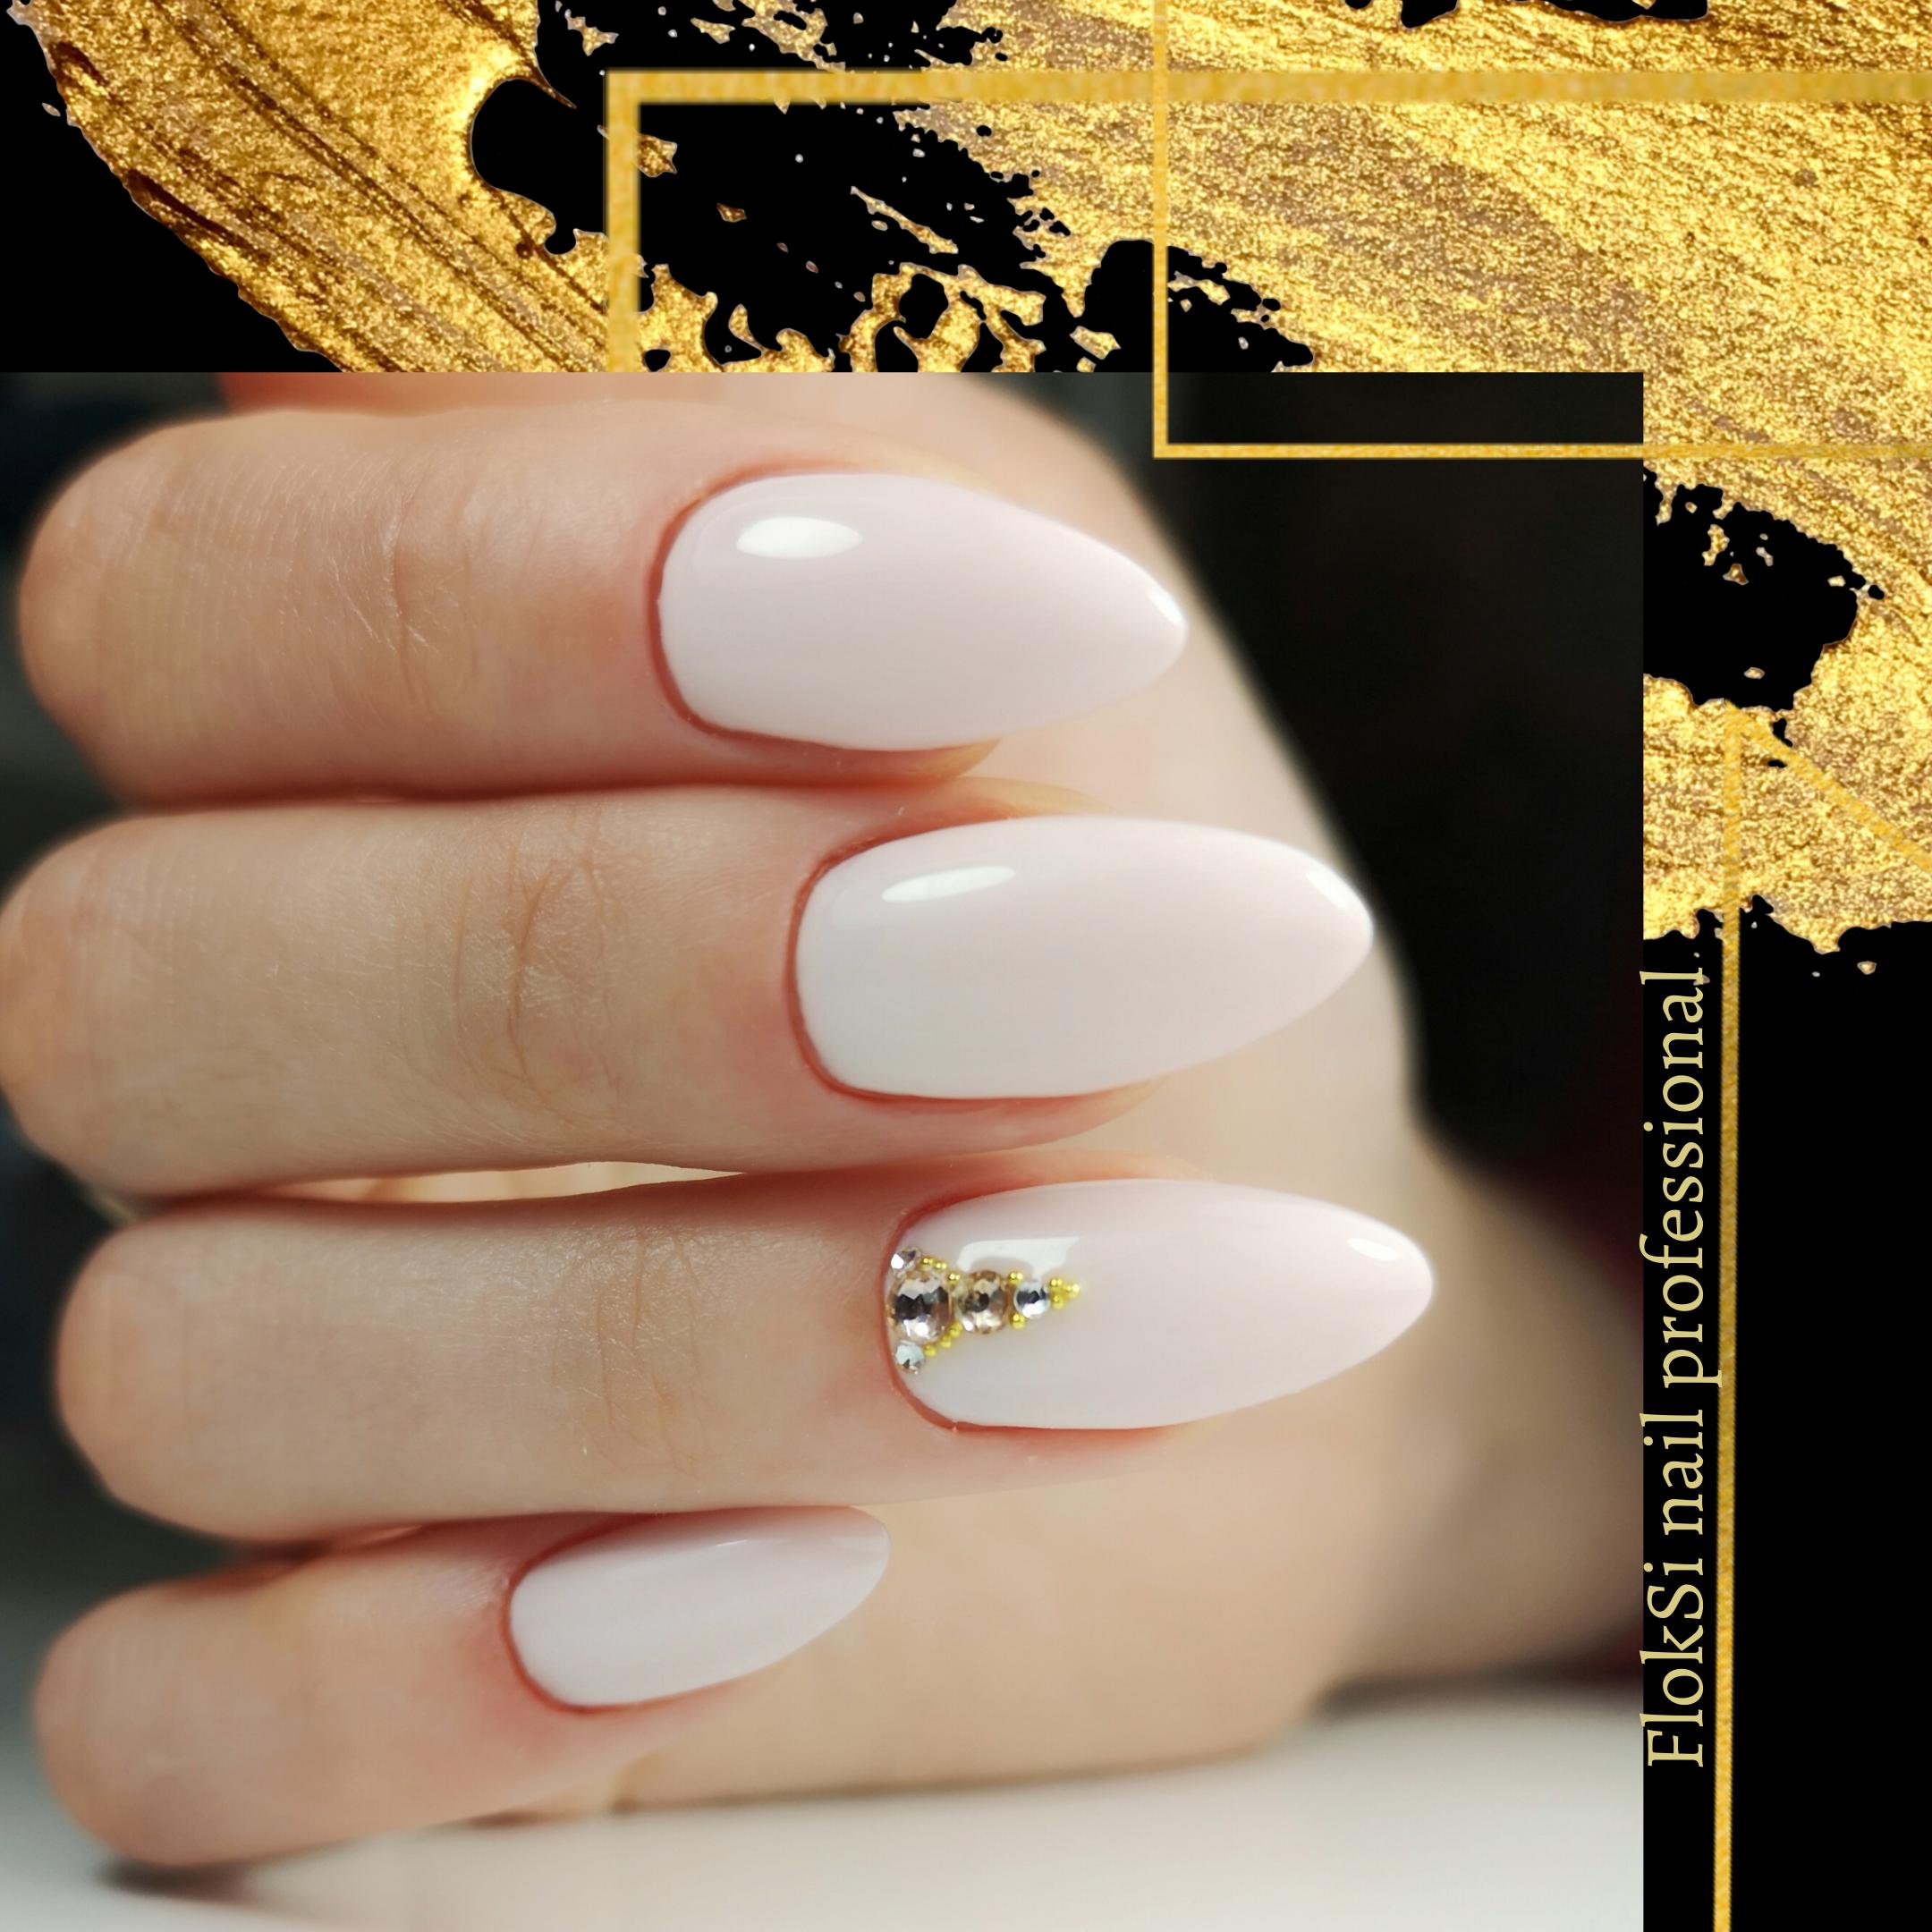 Маникюр с блестками в молочном цвете на длинные ногти.